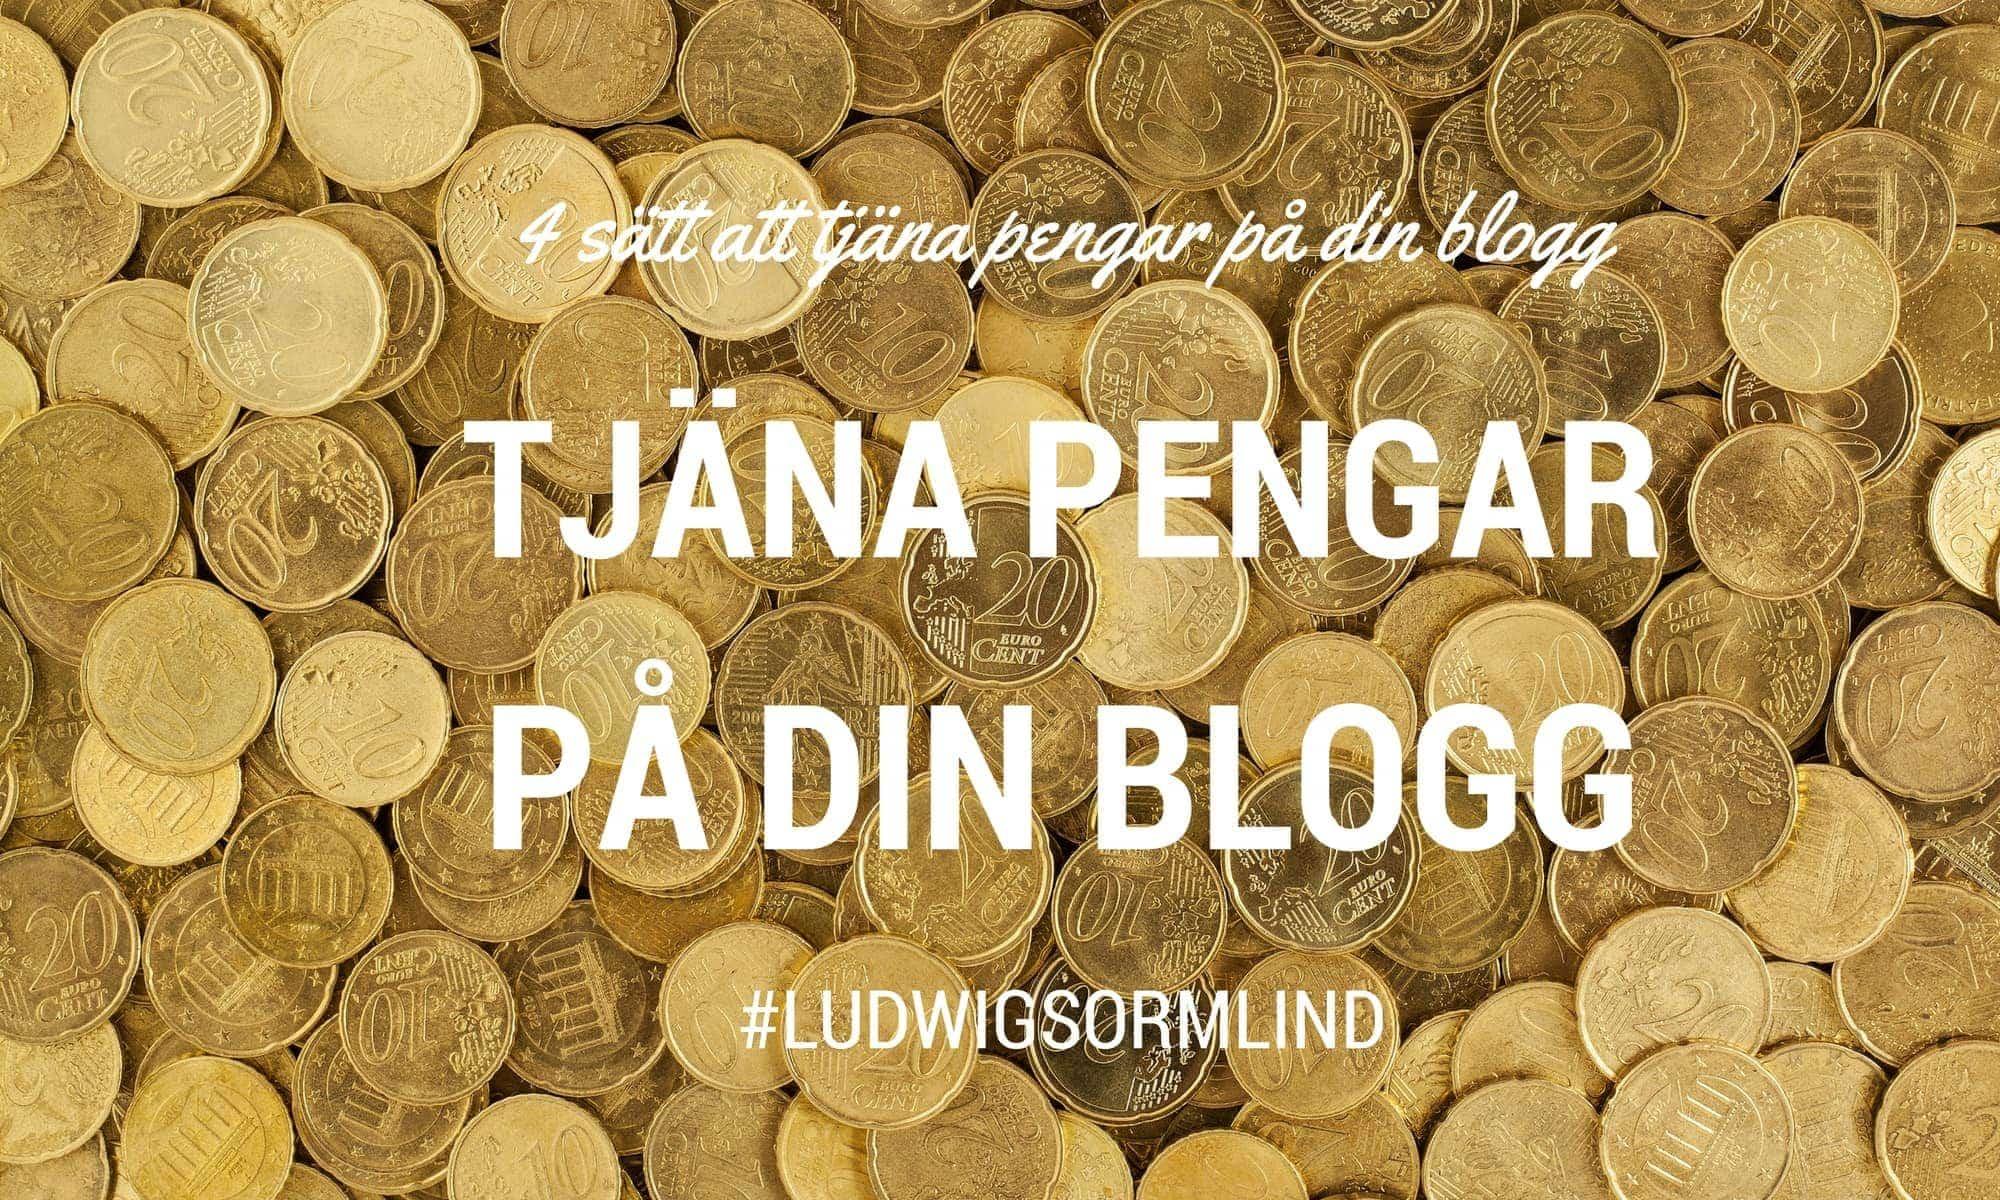 4 sätt att tjäna pengar på din blogg eller hemsida - Ludwig Sörmlind